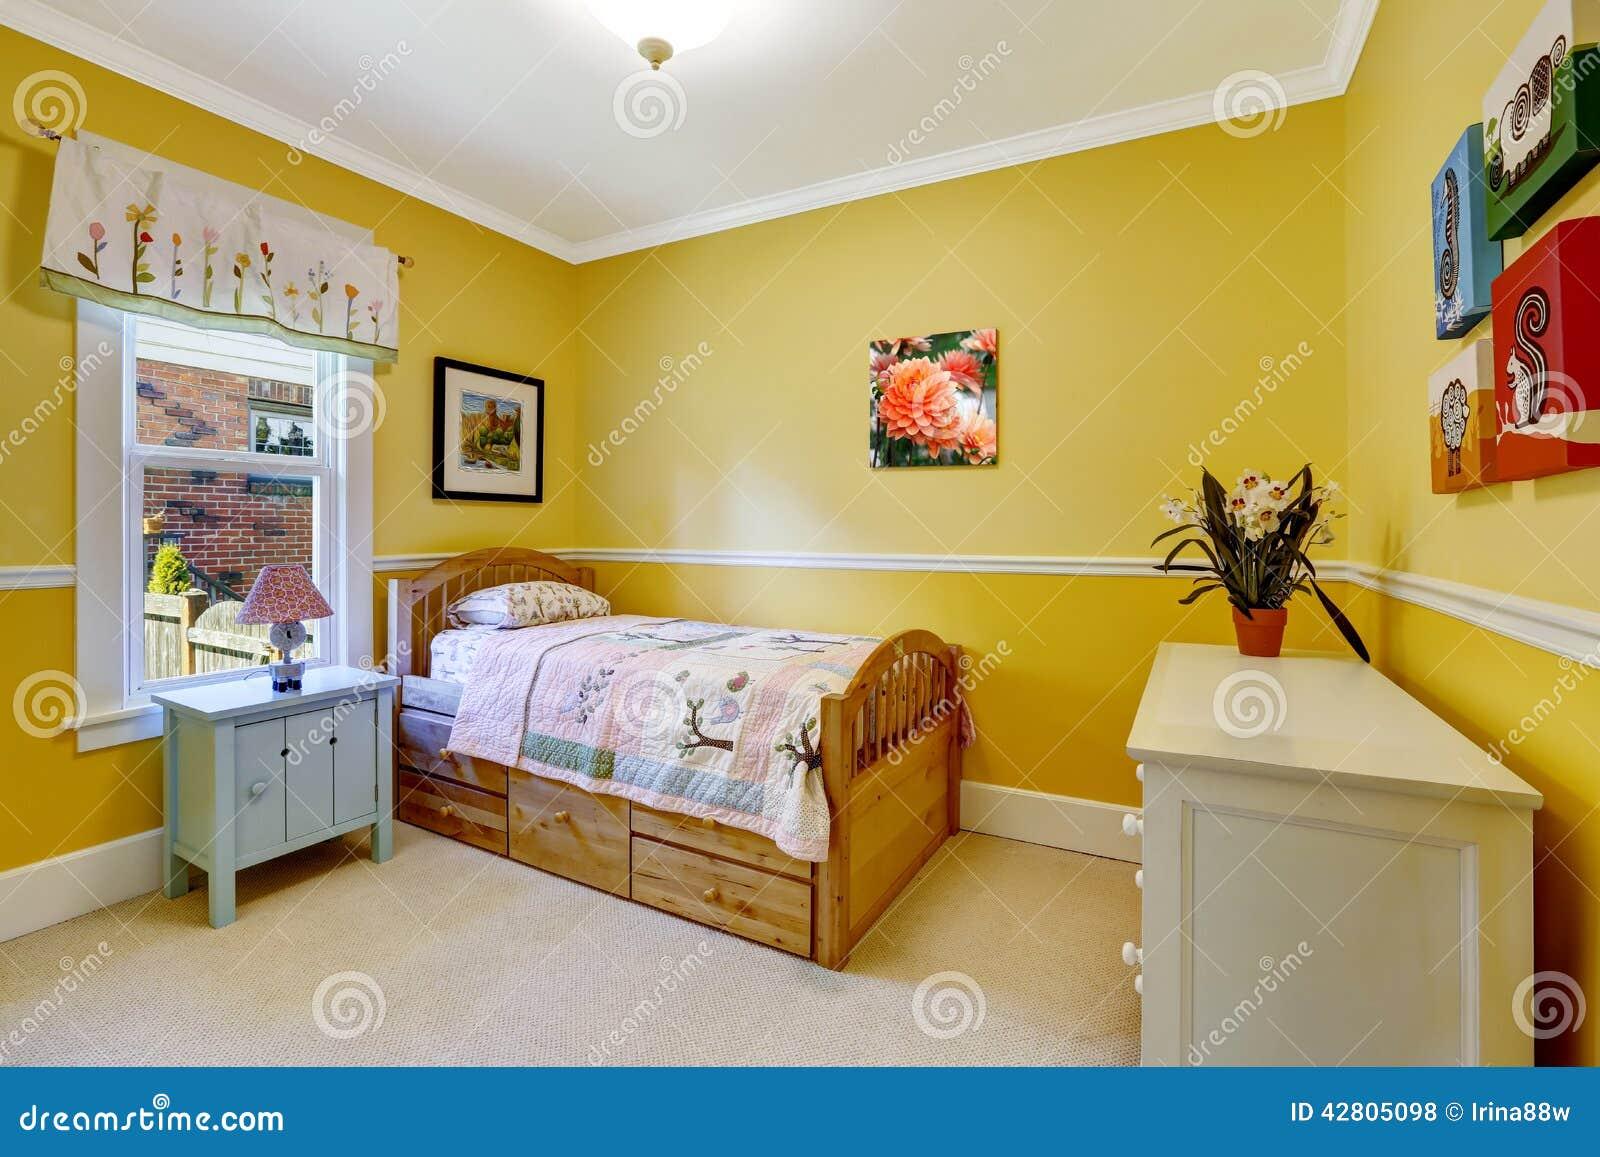 Szczęśliwi dzieciaki izbowi w jaskrawym kolorze żółtym